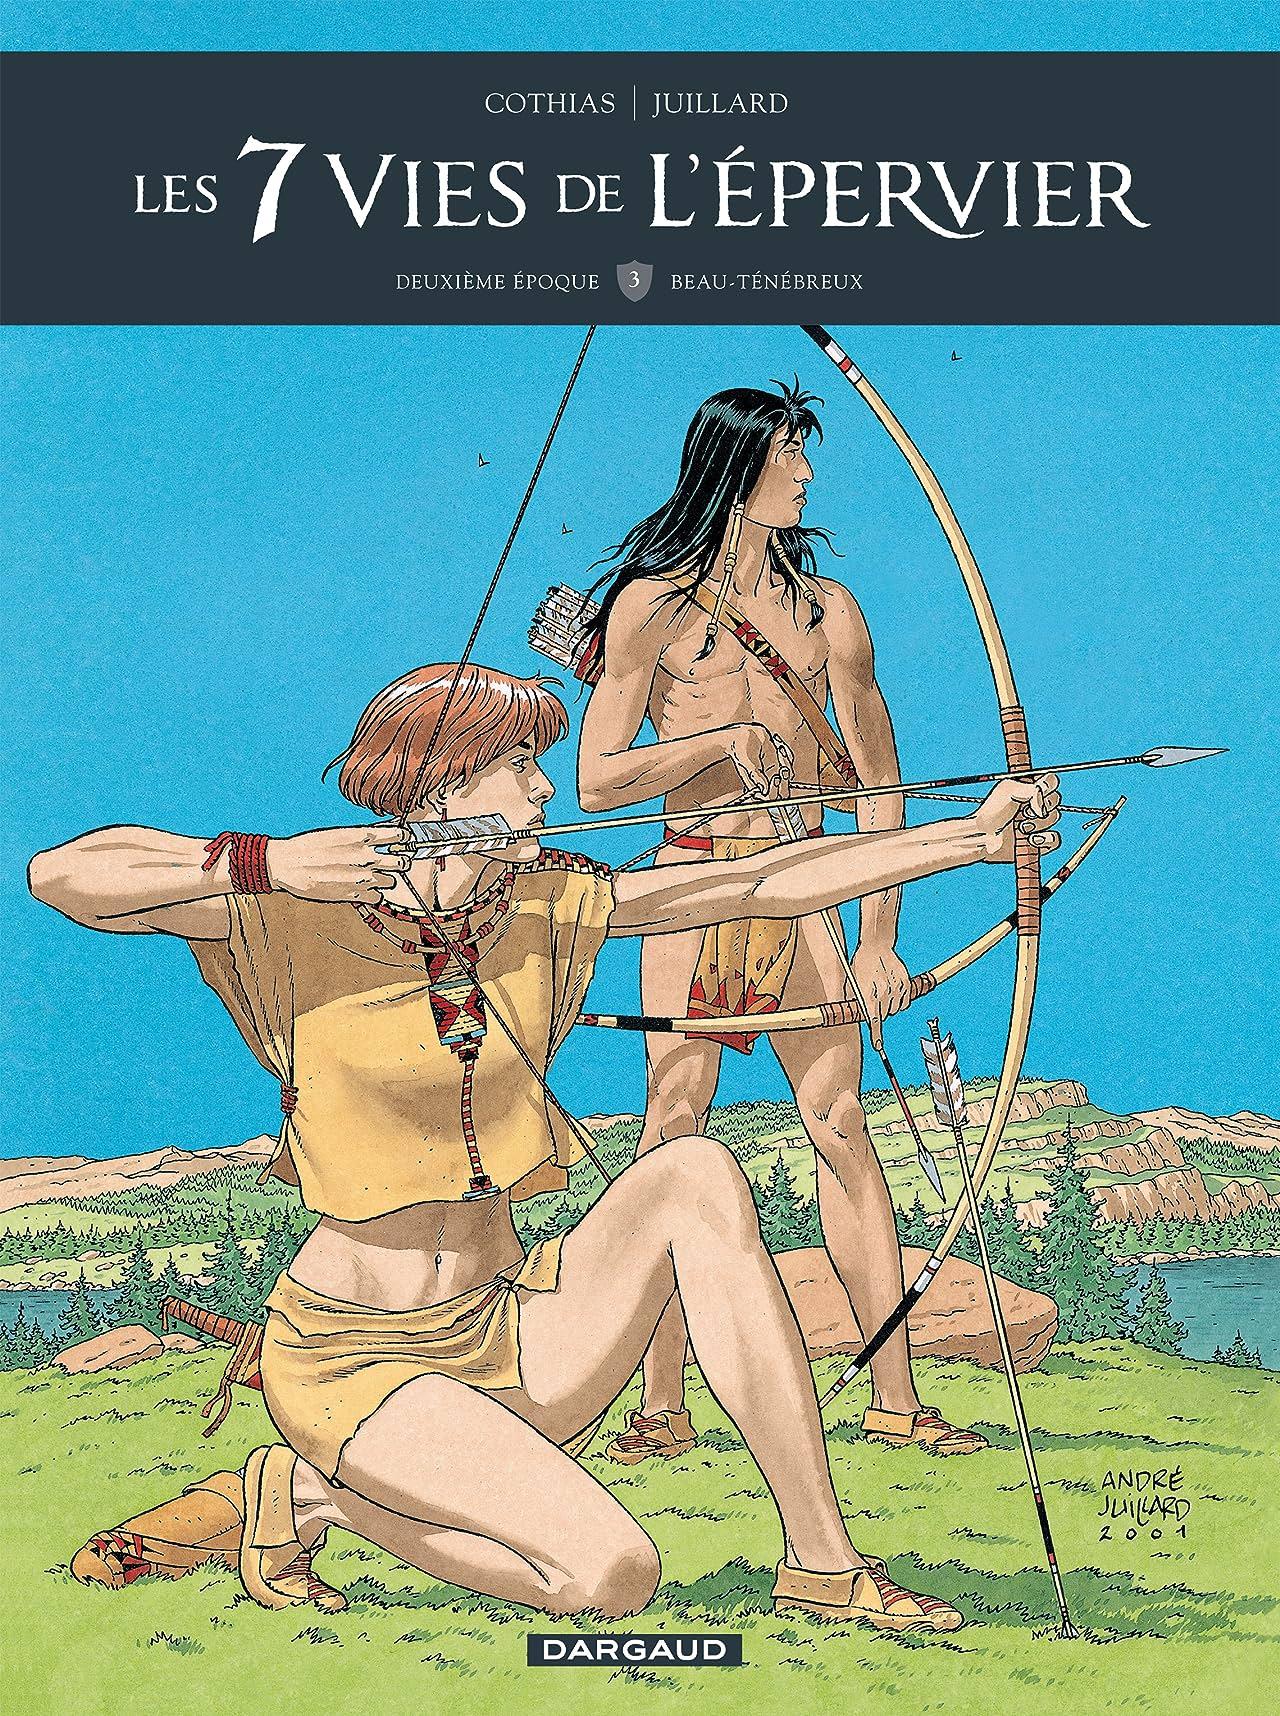 Les 7 Vies de l'épervier -  2ème époque Vol. 3: Beau-Ténébreux